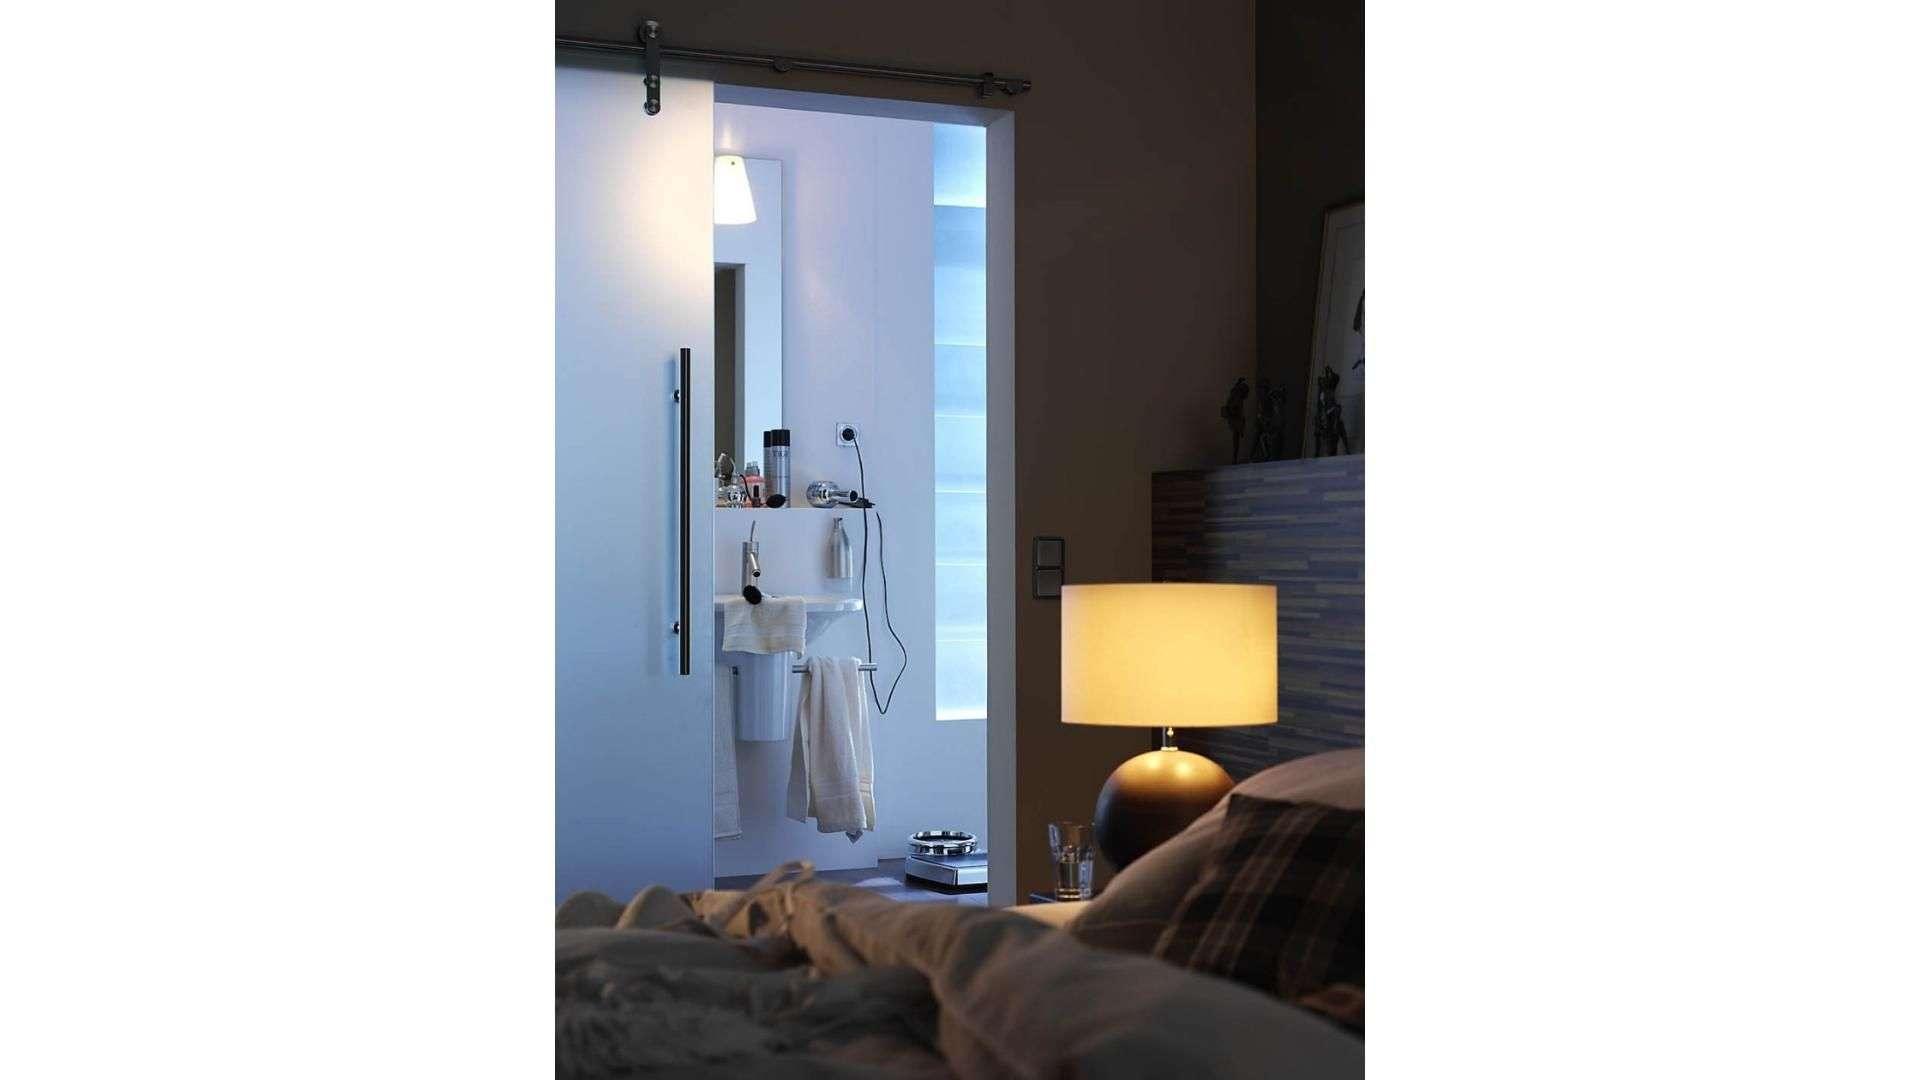 Schiebetür aus Milchglas zu einem Schlafzimmer